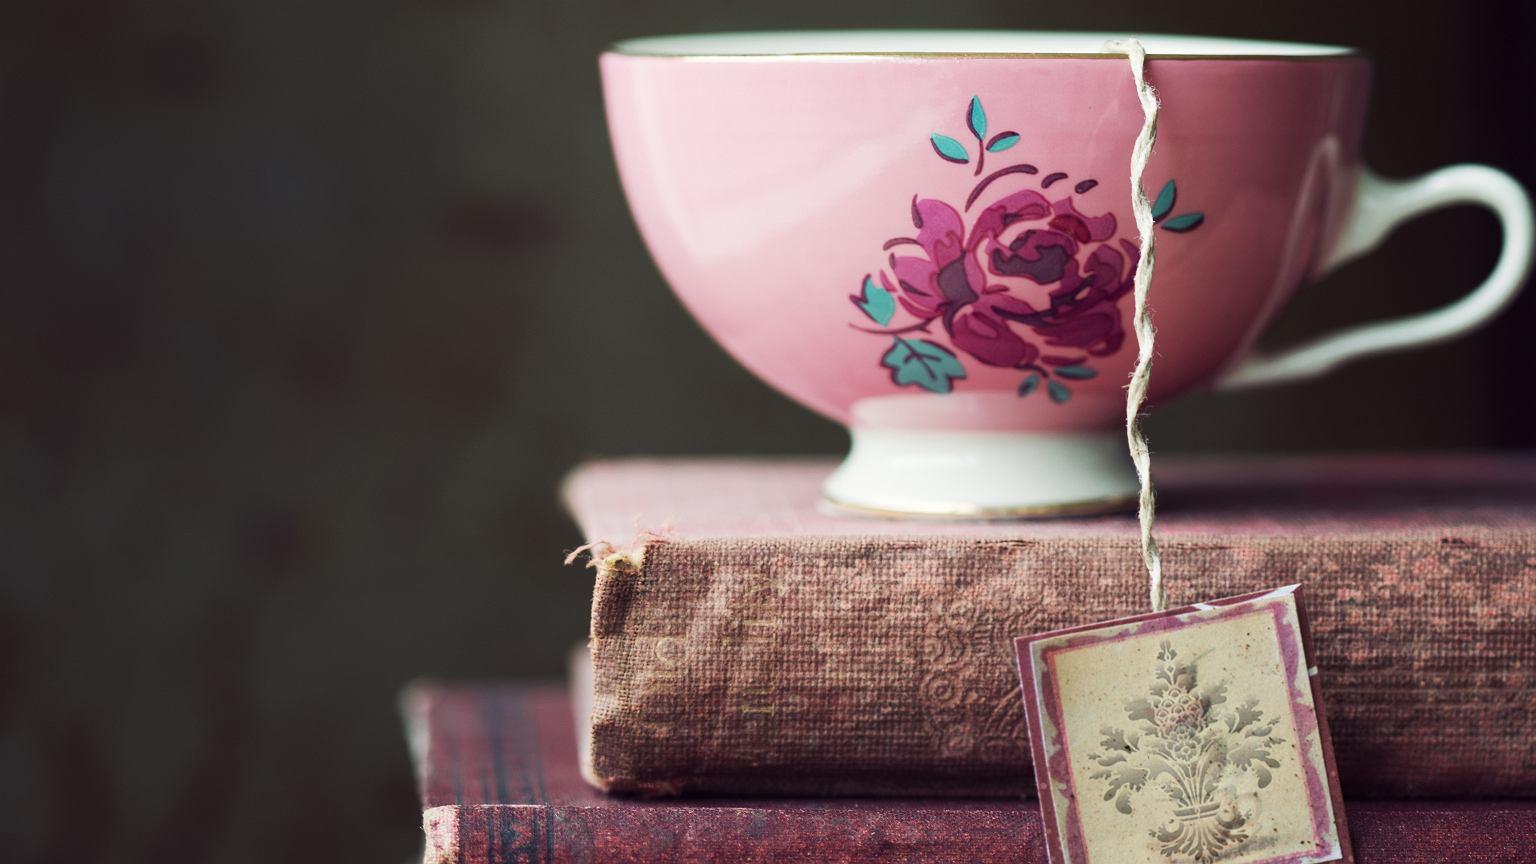 Kolekcjonowanie Polskiej Ceramiki Jak Odnaleźć Perełki Wśród